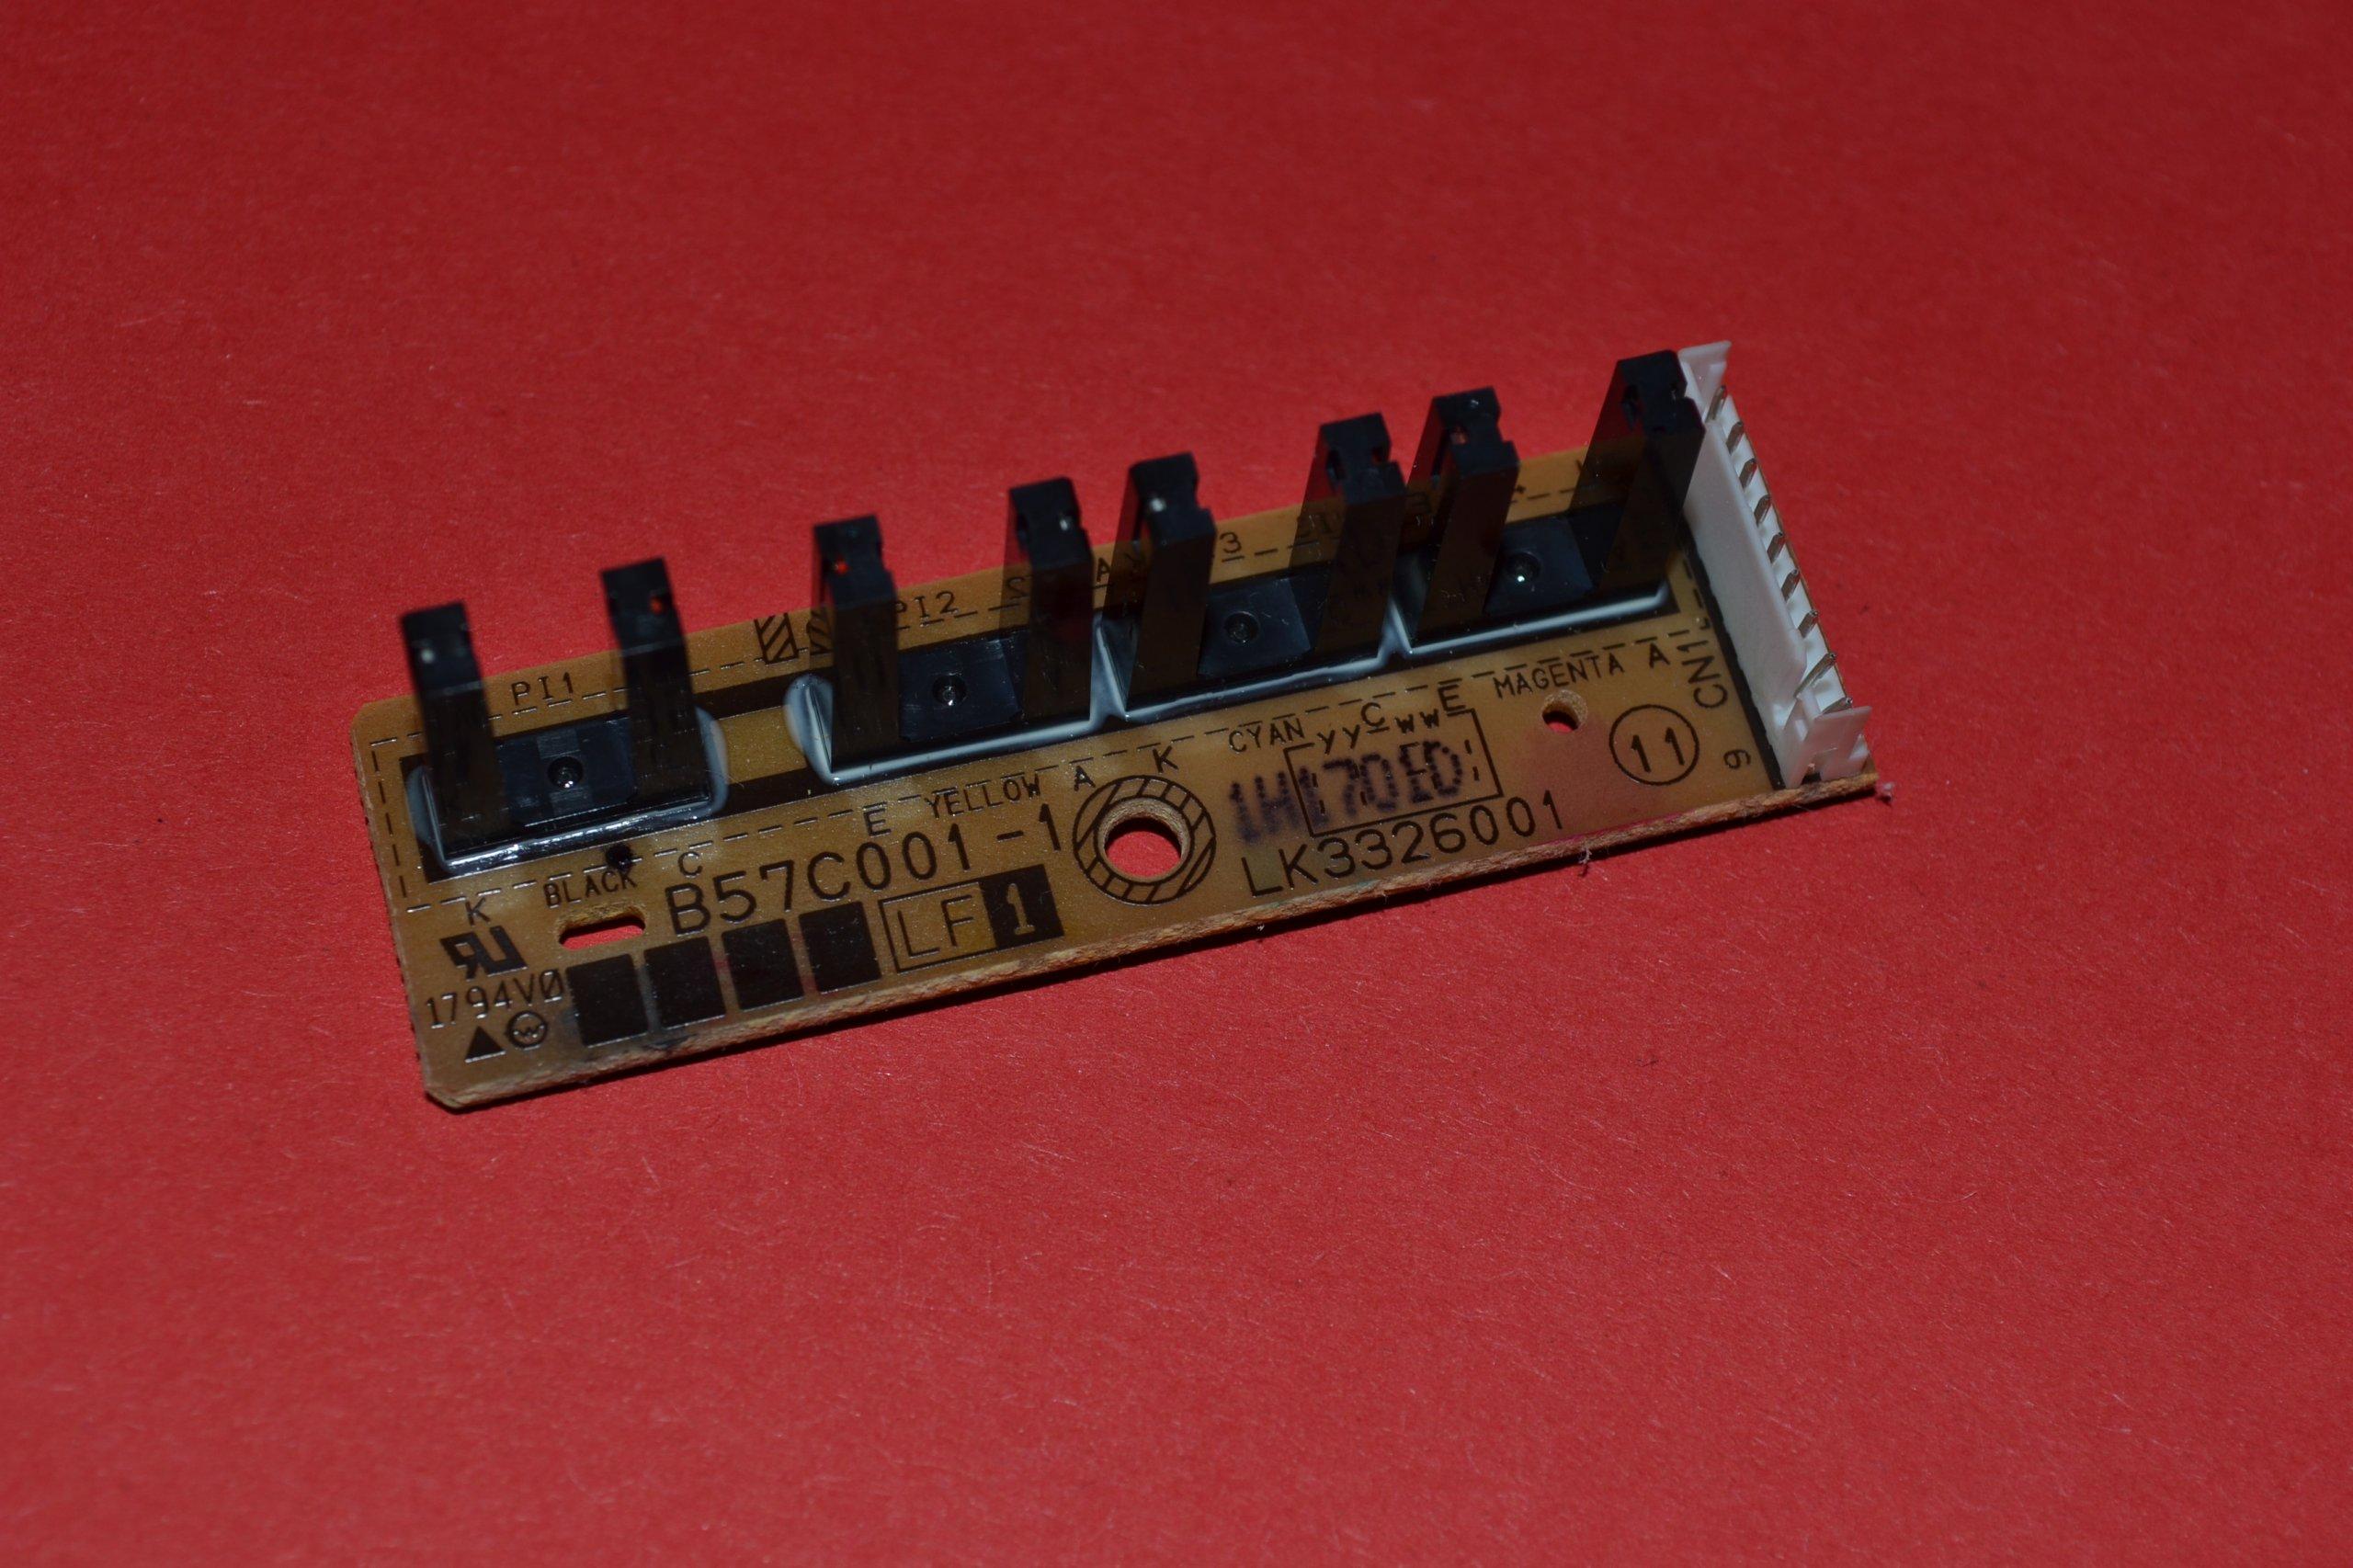 Czujnik poziomu tuszu Brother DCP-J315W LK3326001